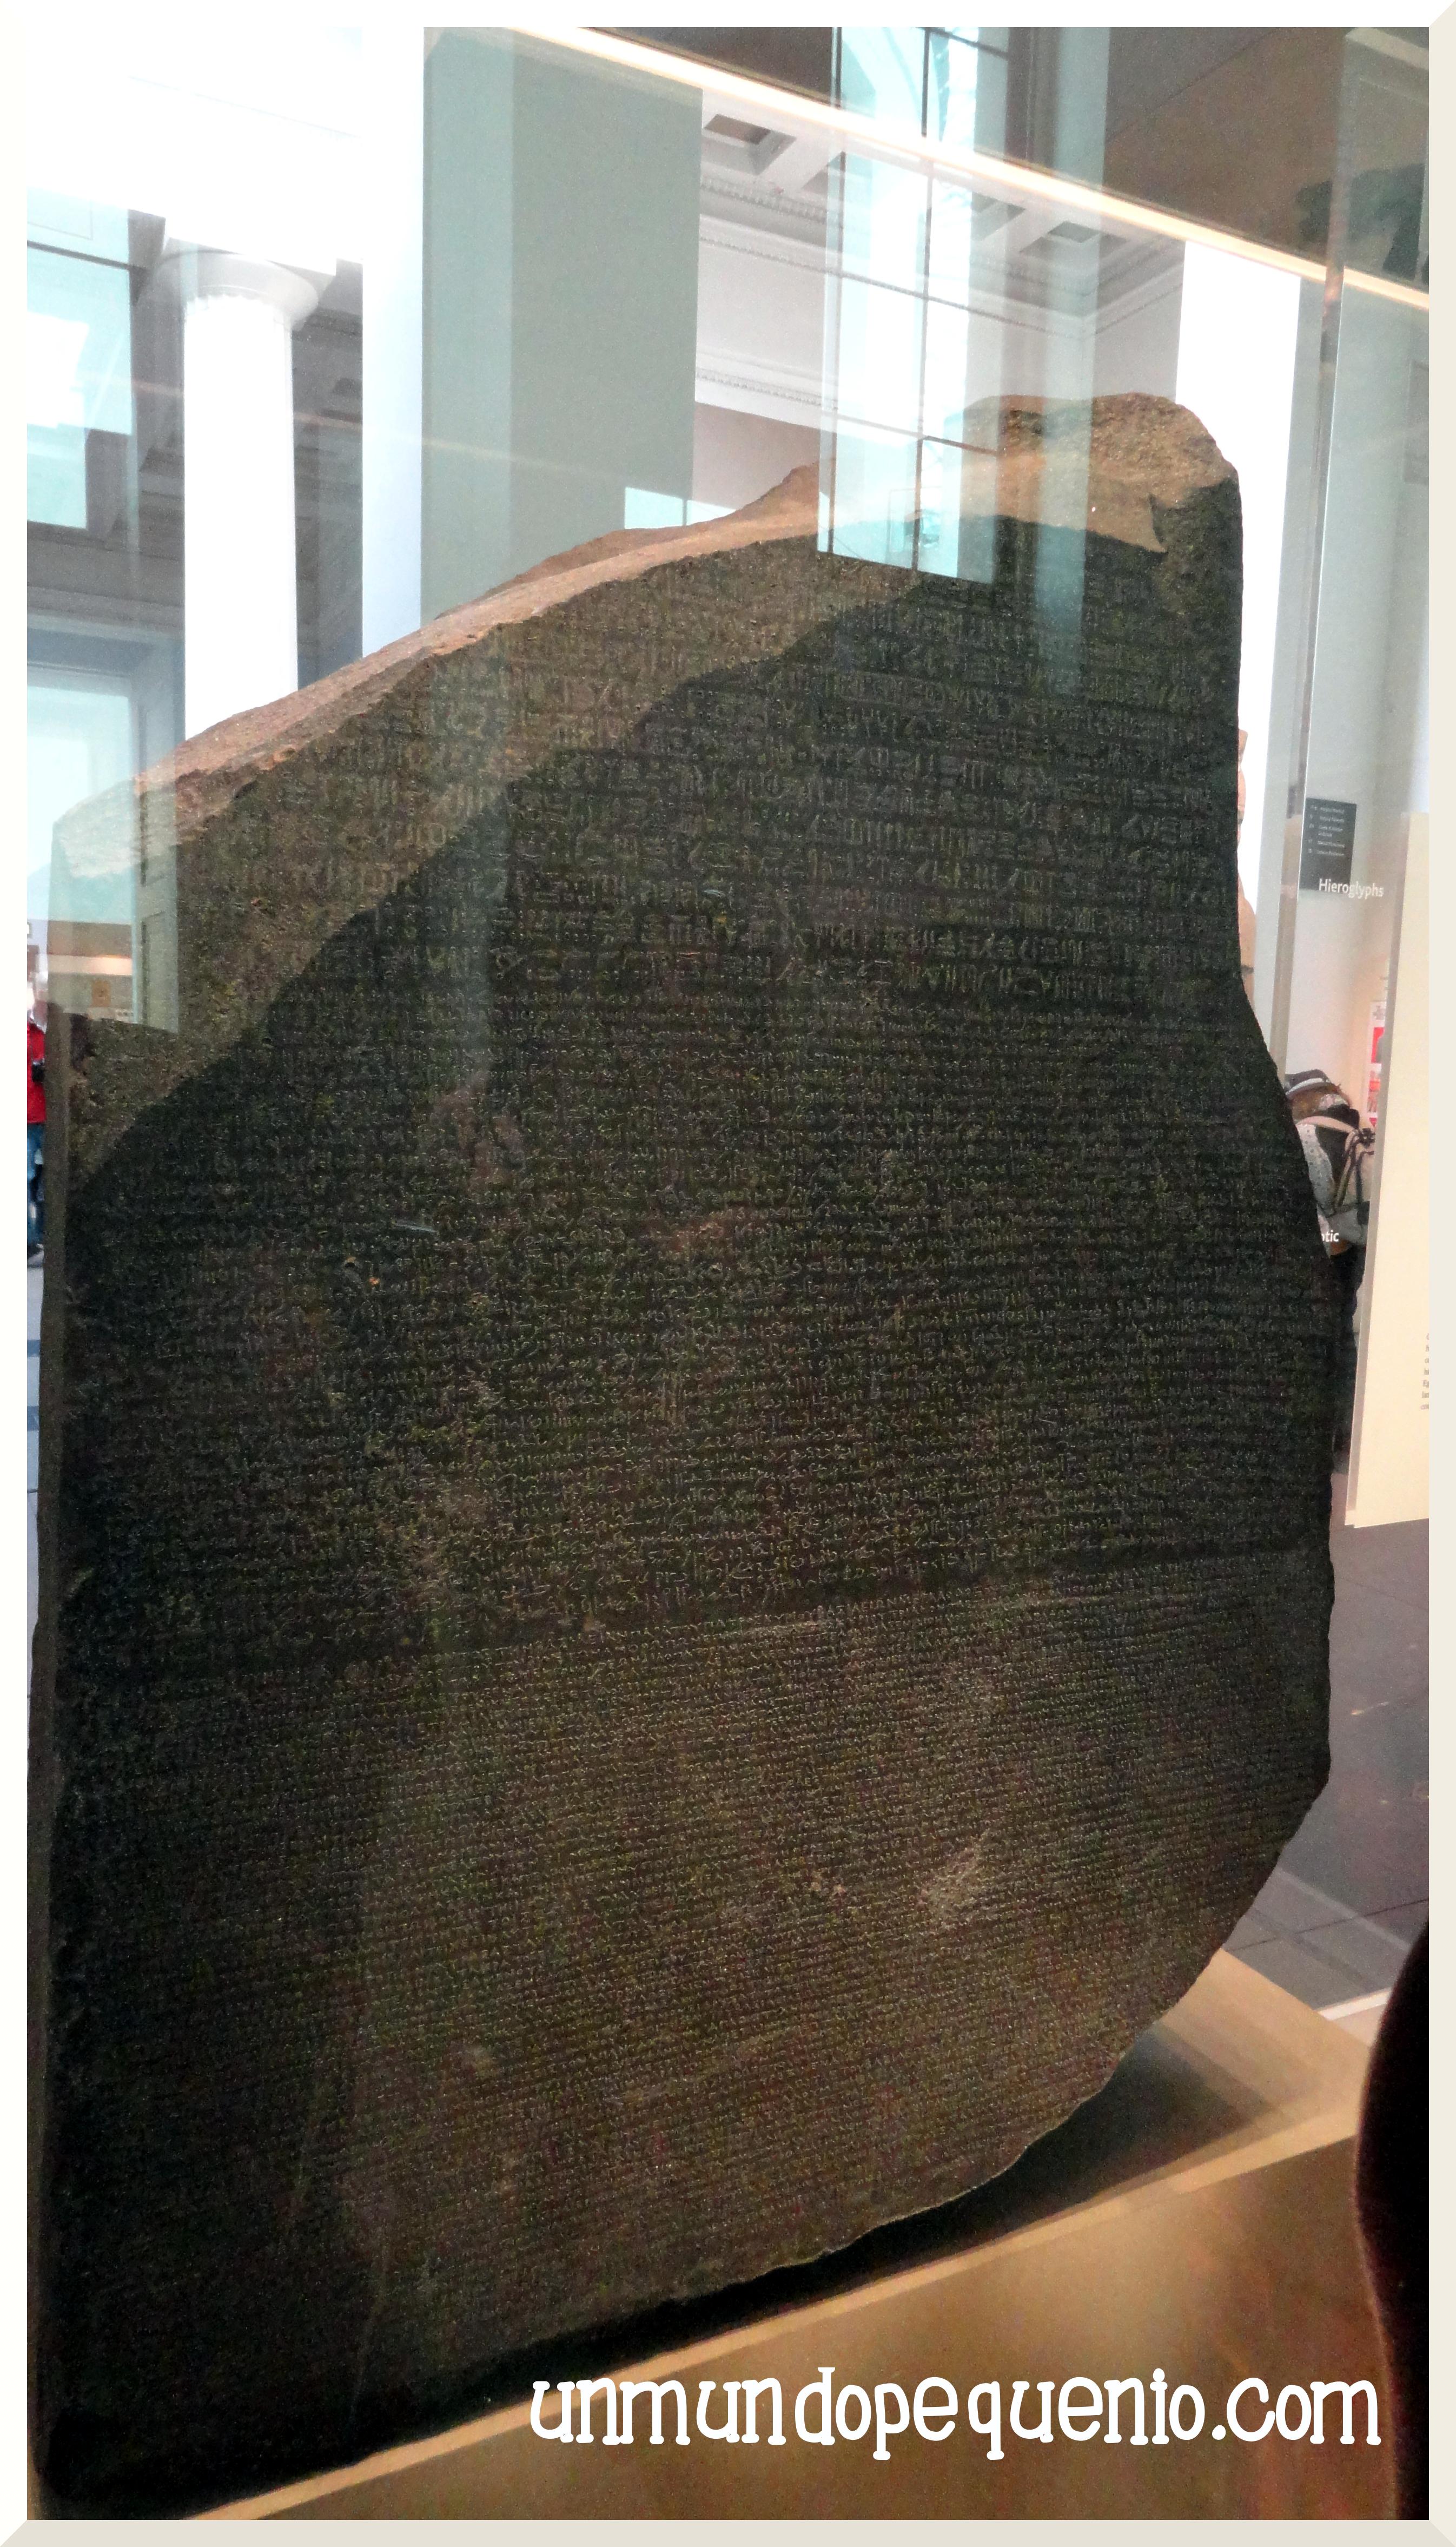 Rosetta Stone British Museum